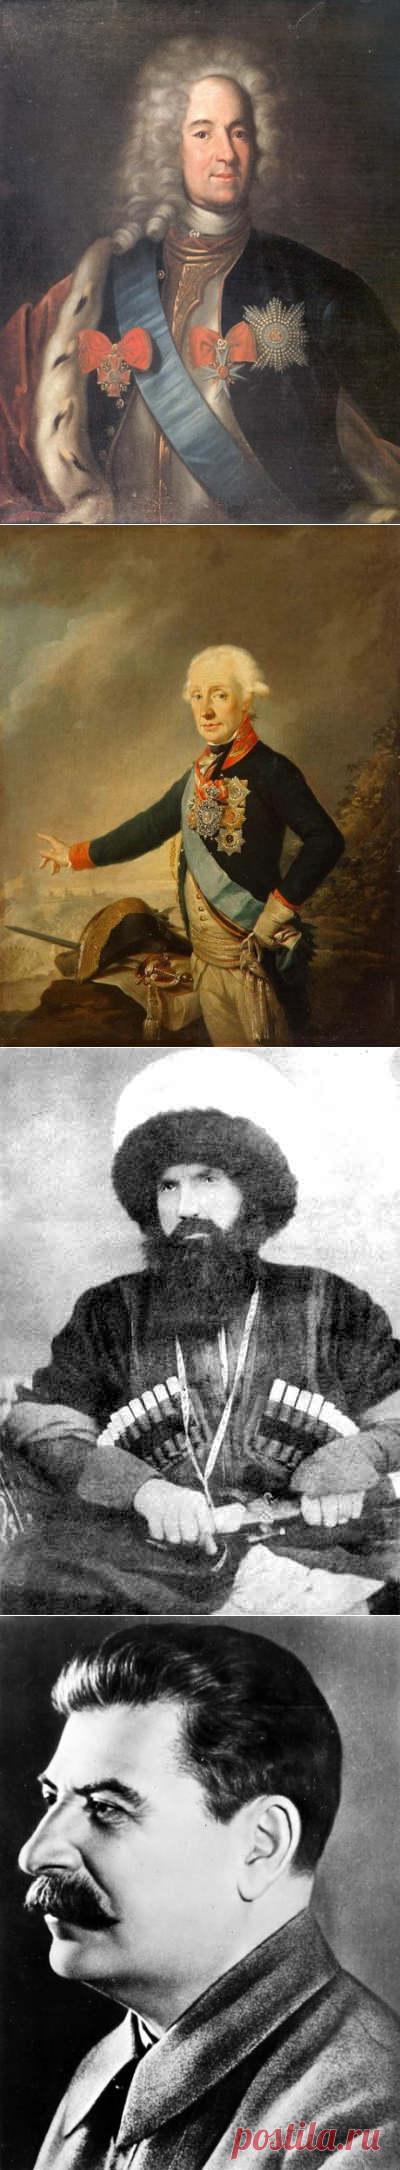 Сколько генералиссимусов было в России? | Культура